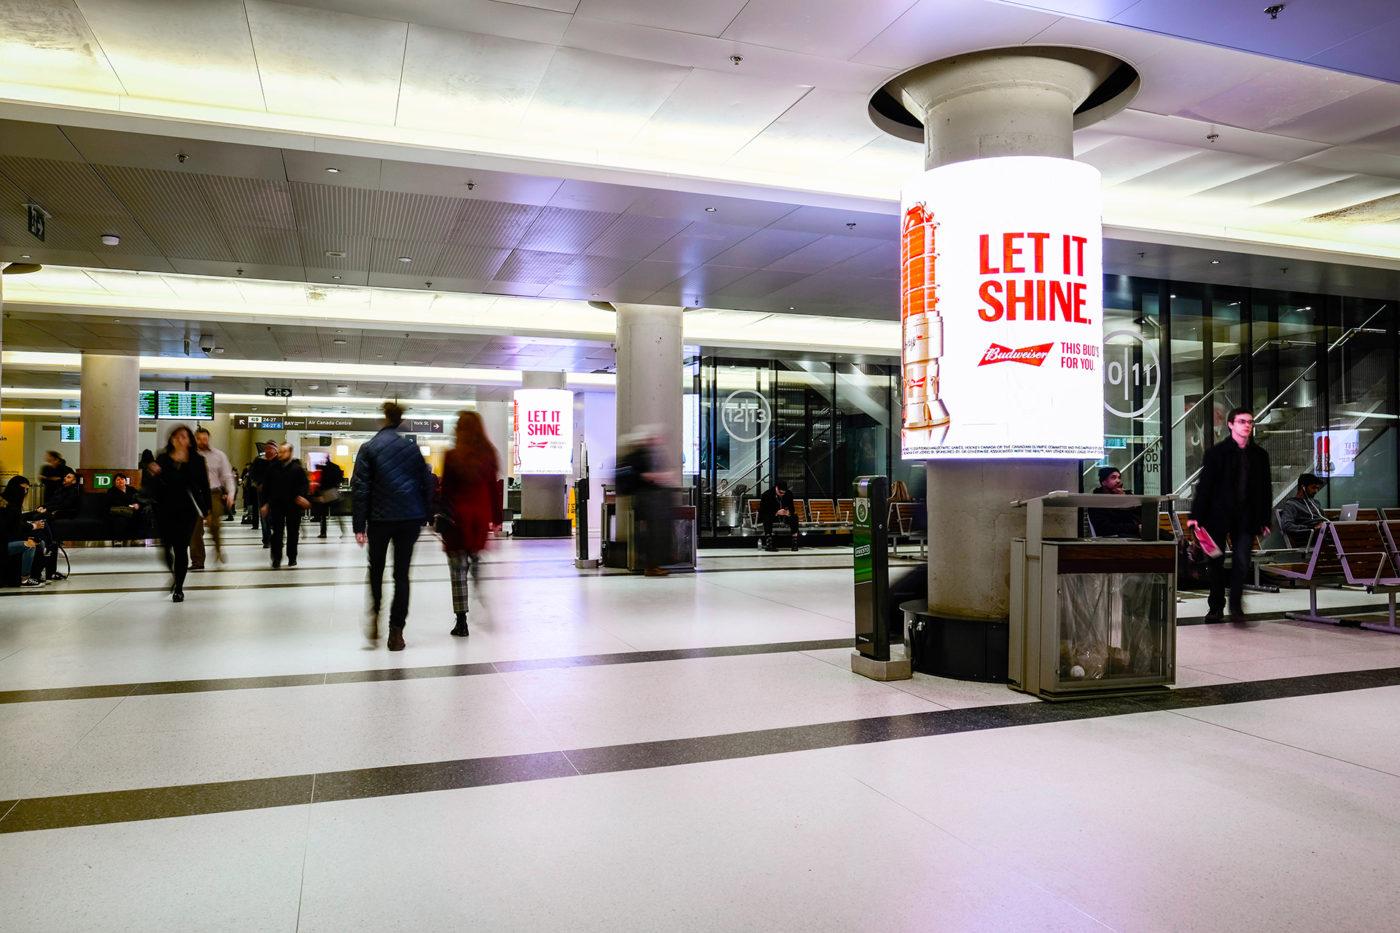 Budweiser - Let It Shine - Réseau de colonnes numériques, gare Union (Toronto, Ontario)